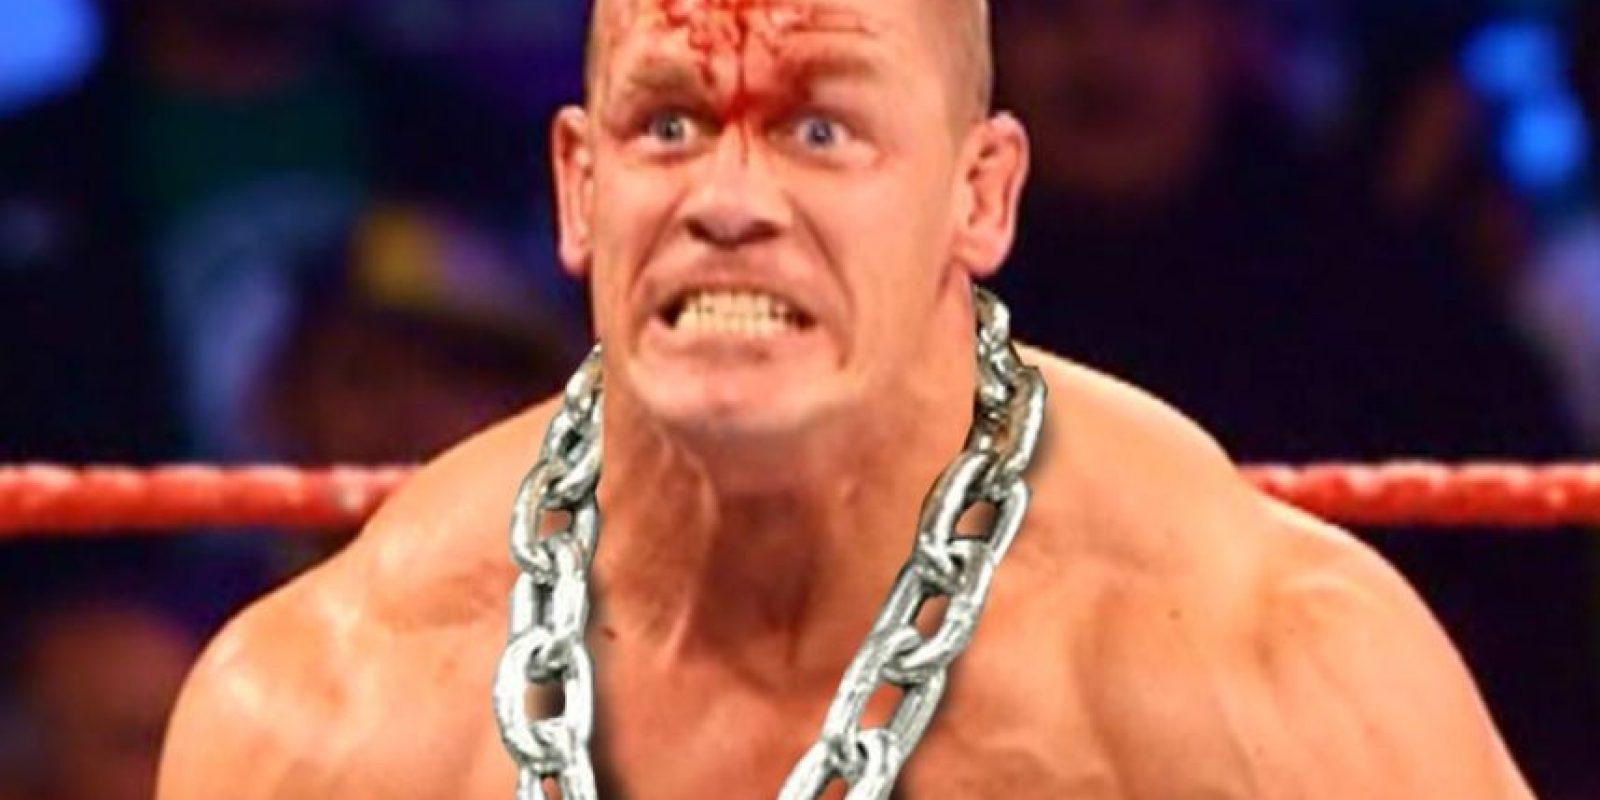 Cuenta con miles de seguidores alrededor del mundo Foto:WWE